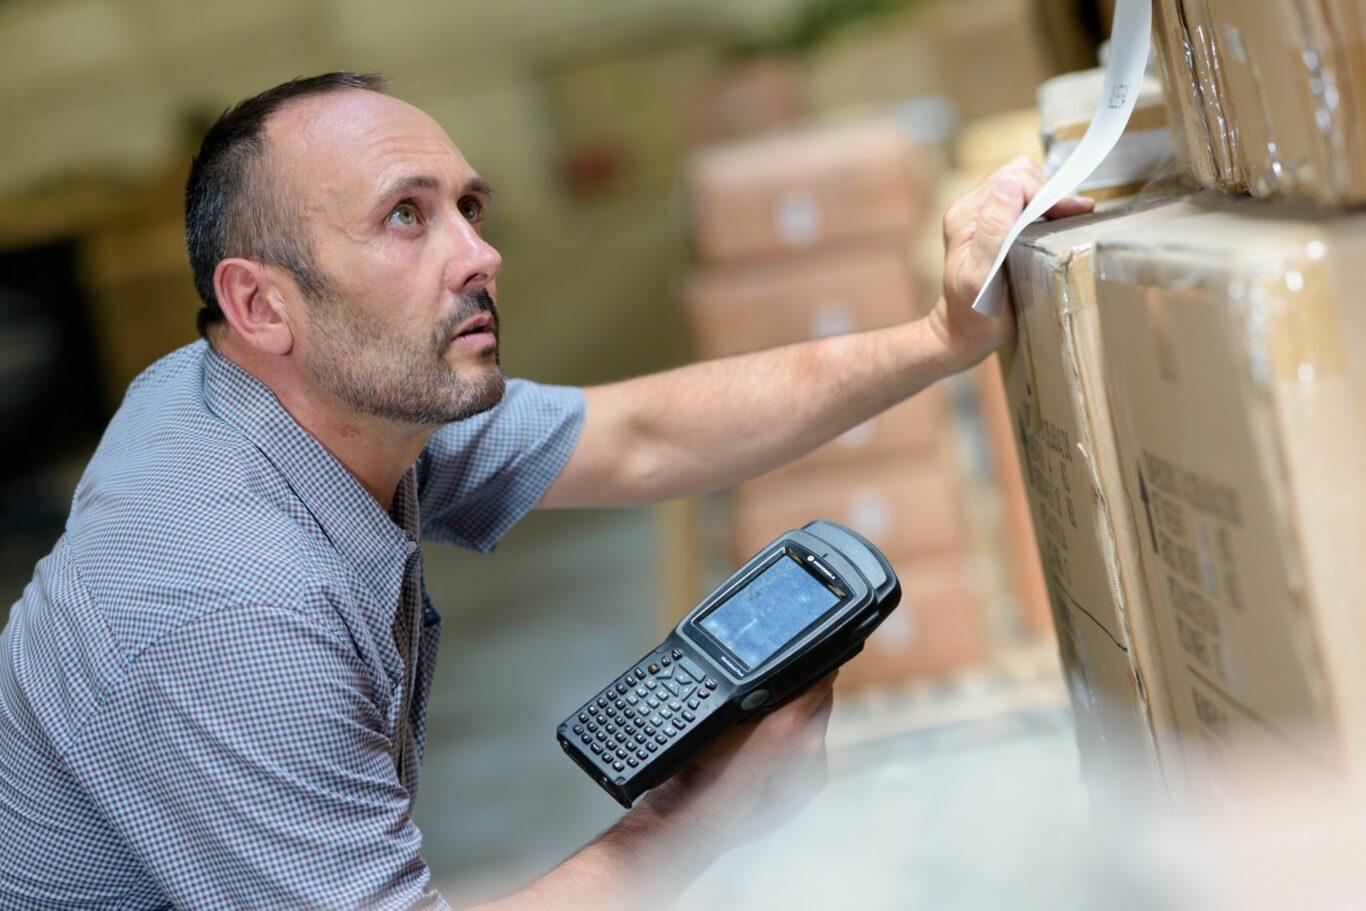 Servicios para empresas de logística - Almacénes y trasteros de distribución y última milla